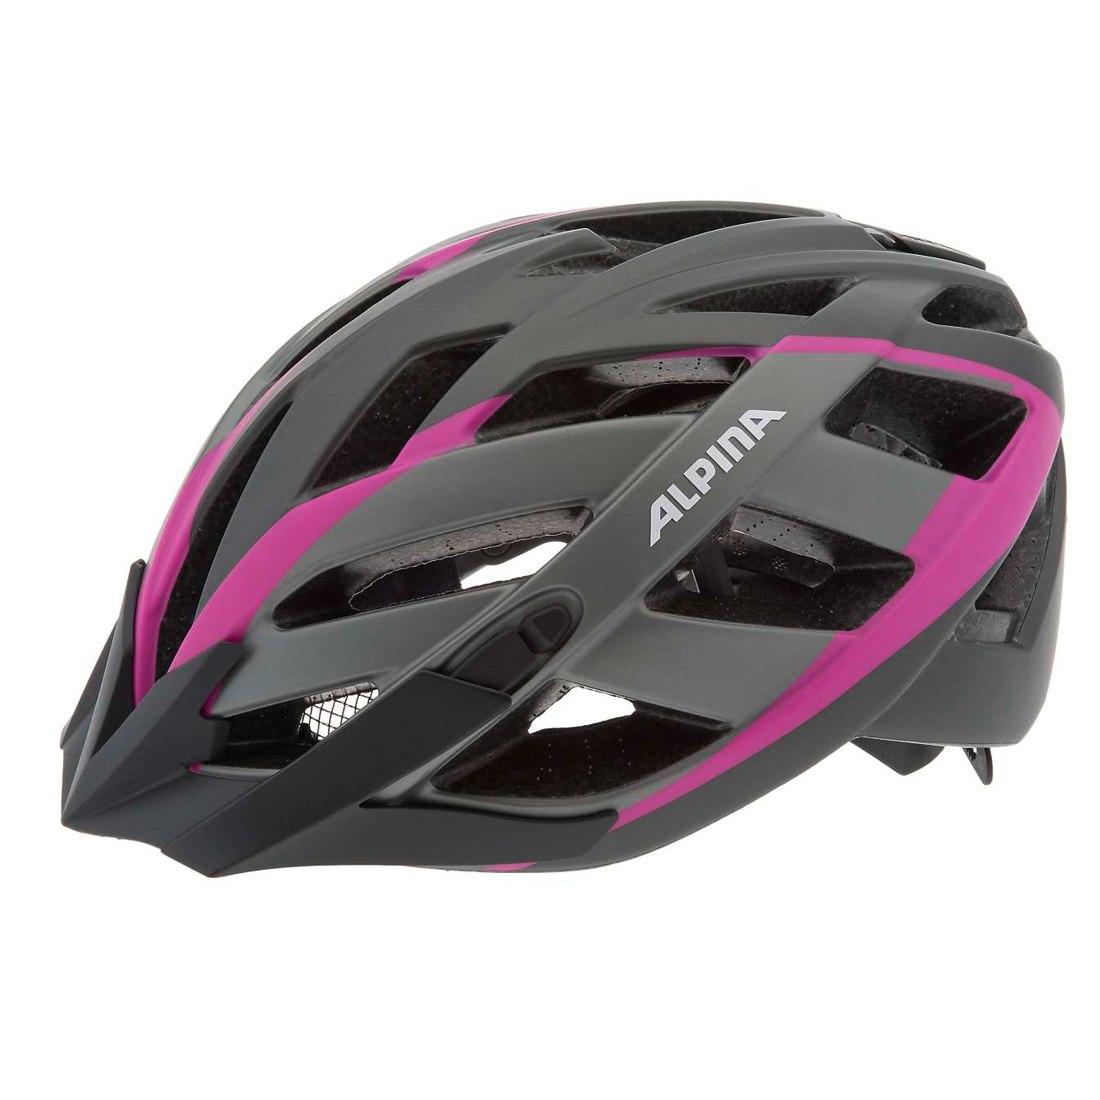 Велошлем Alpina 2018 Panoma L.E. titanium-pink, Шлемы велосипедные, 1180041  - купить со скидкой